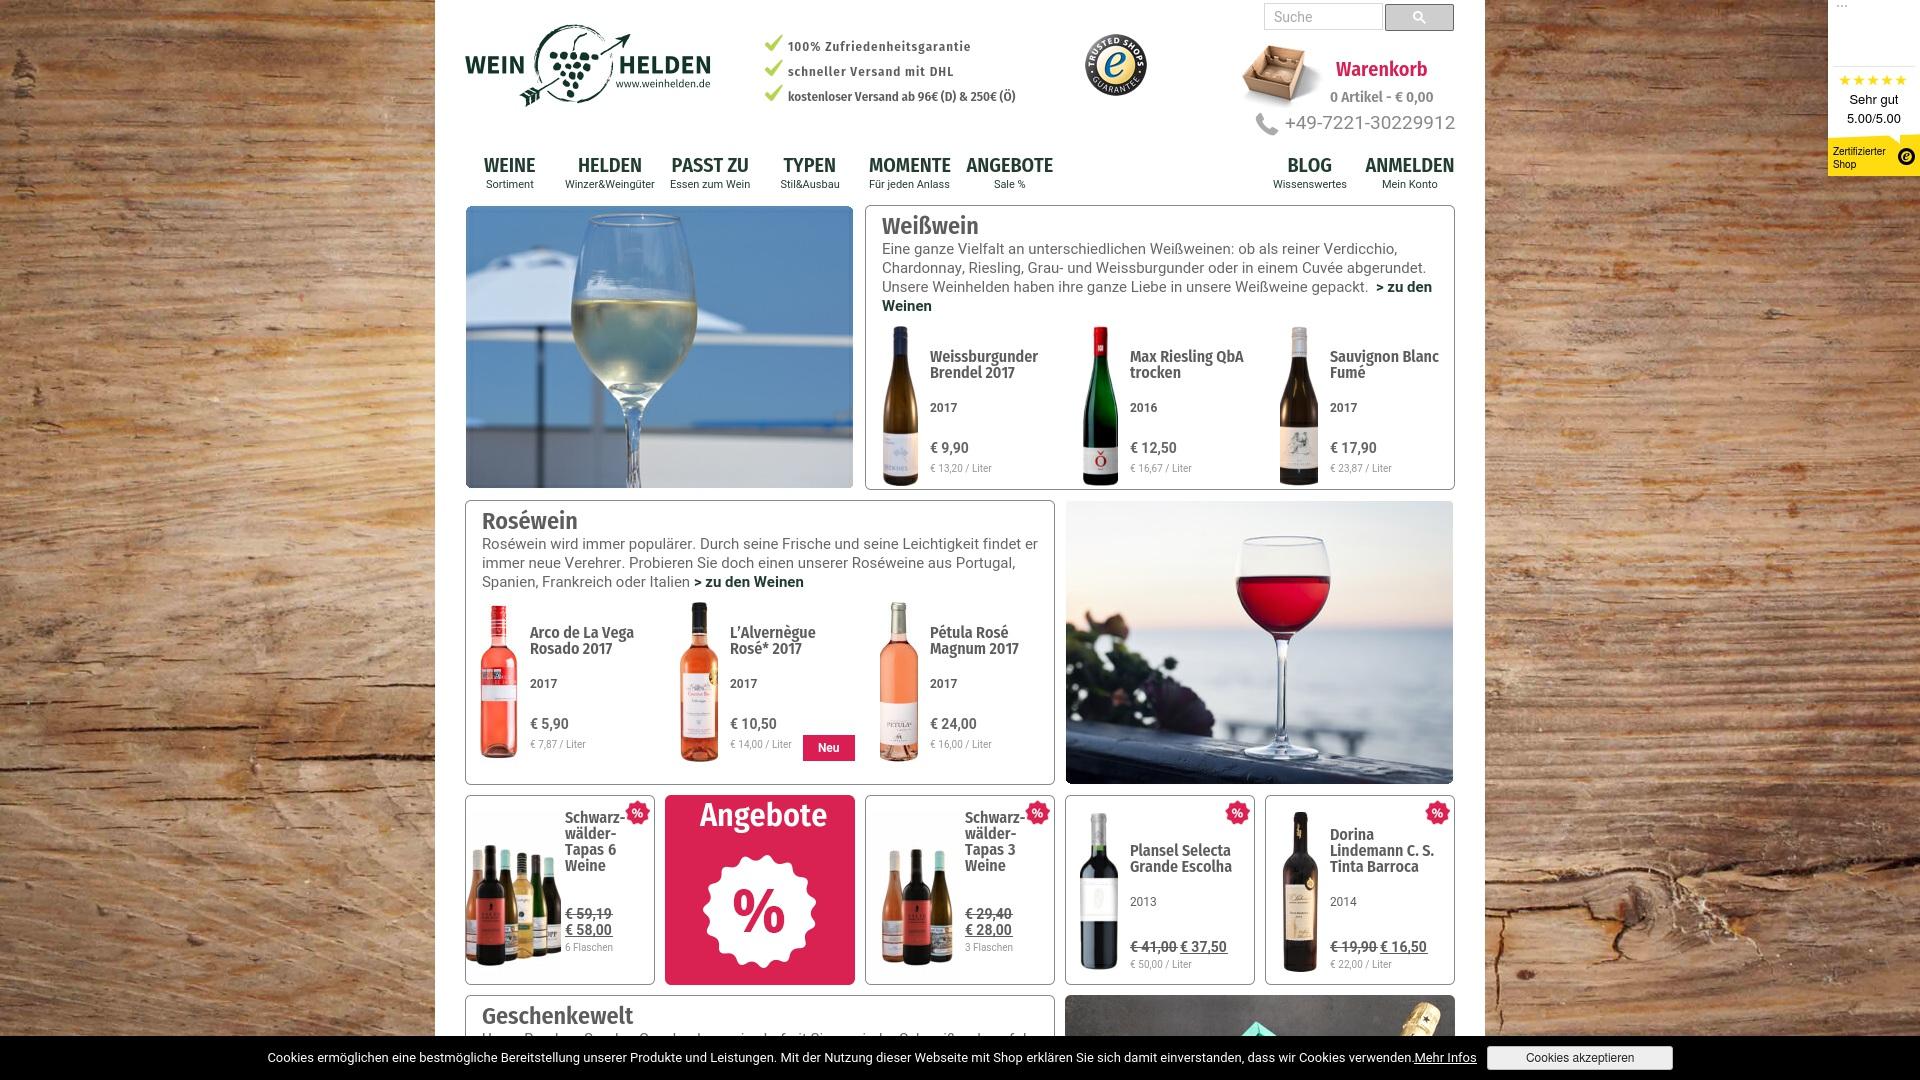 Gutschein für Weinhelden: Rabatte für  Weinhelden sichern